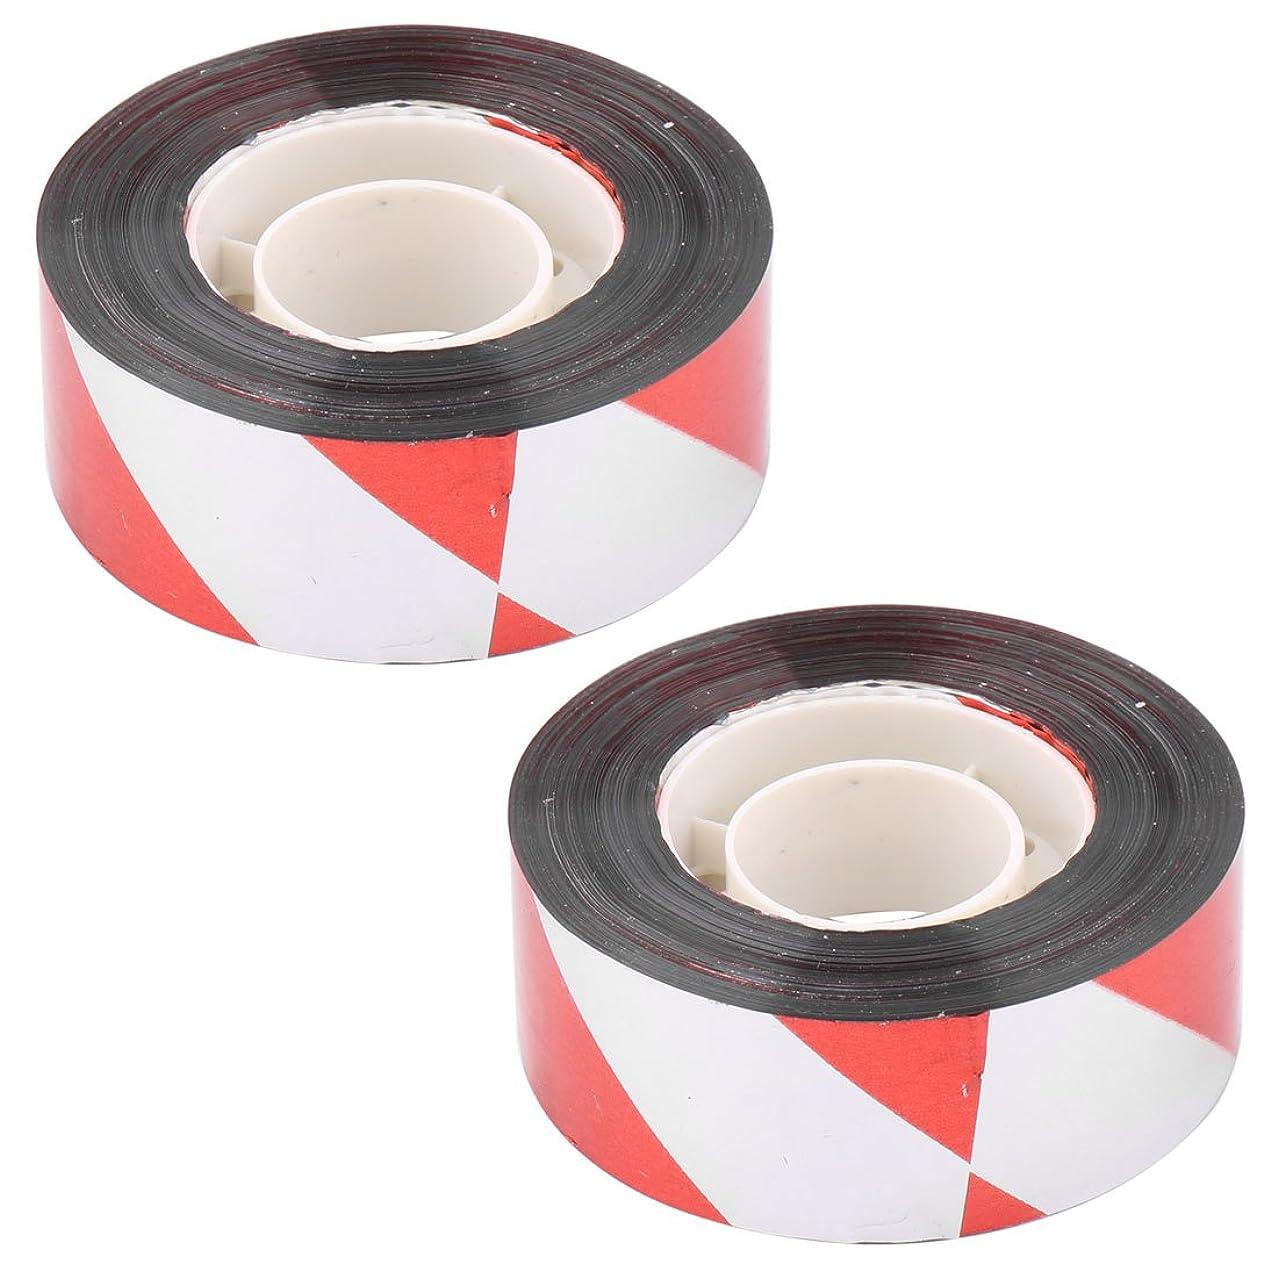 ツール市区町村バッジuxcell 抑圧テープ 農地 バード パニック ホログラフィック フラッシュ サウンド 発光 テープ イエロー 100M 2 個入り パターン3